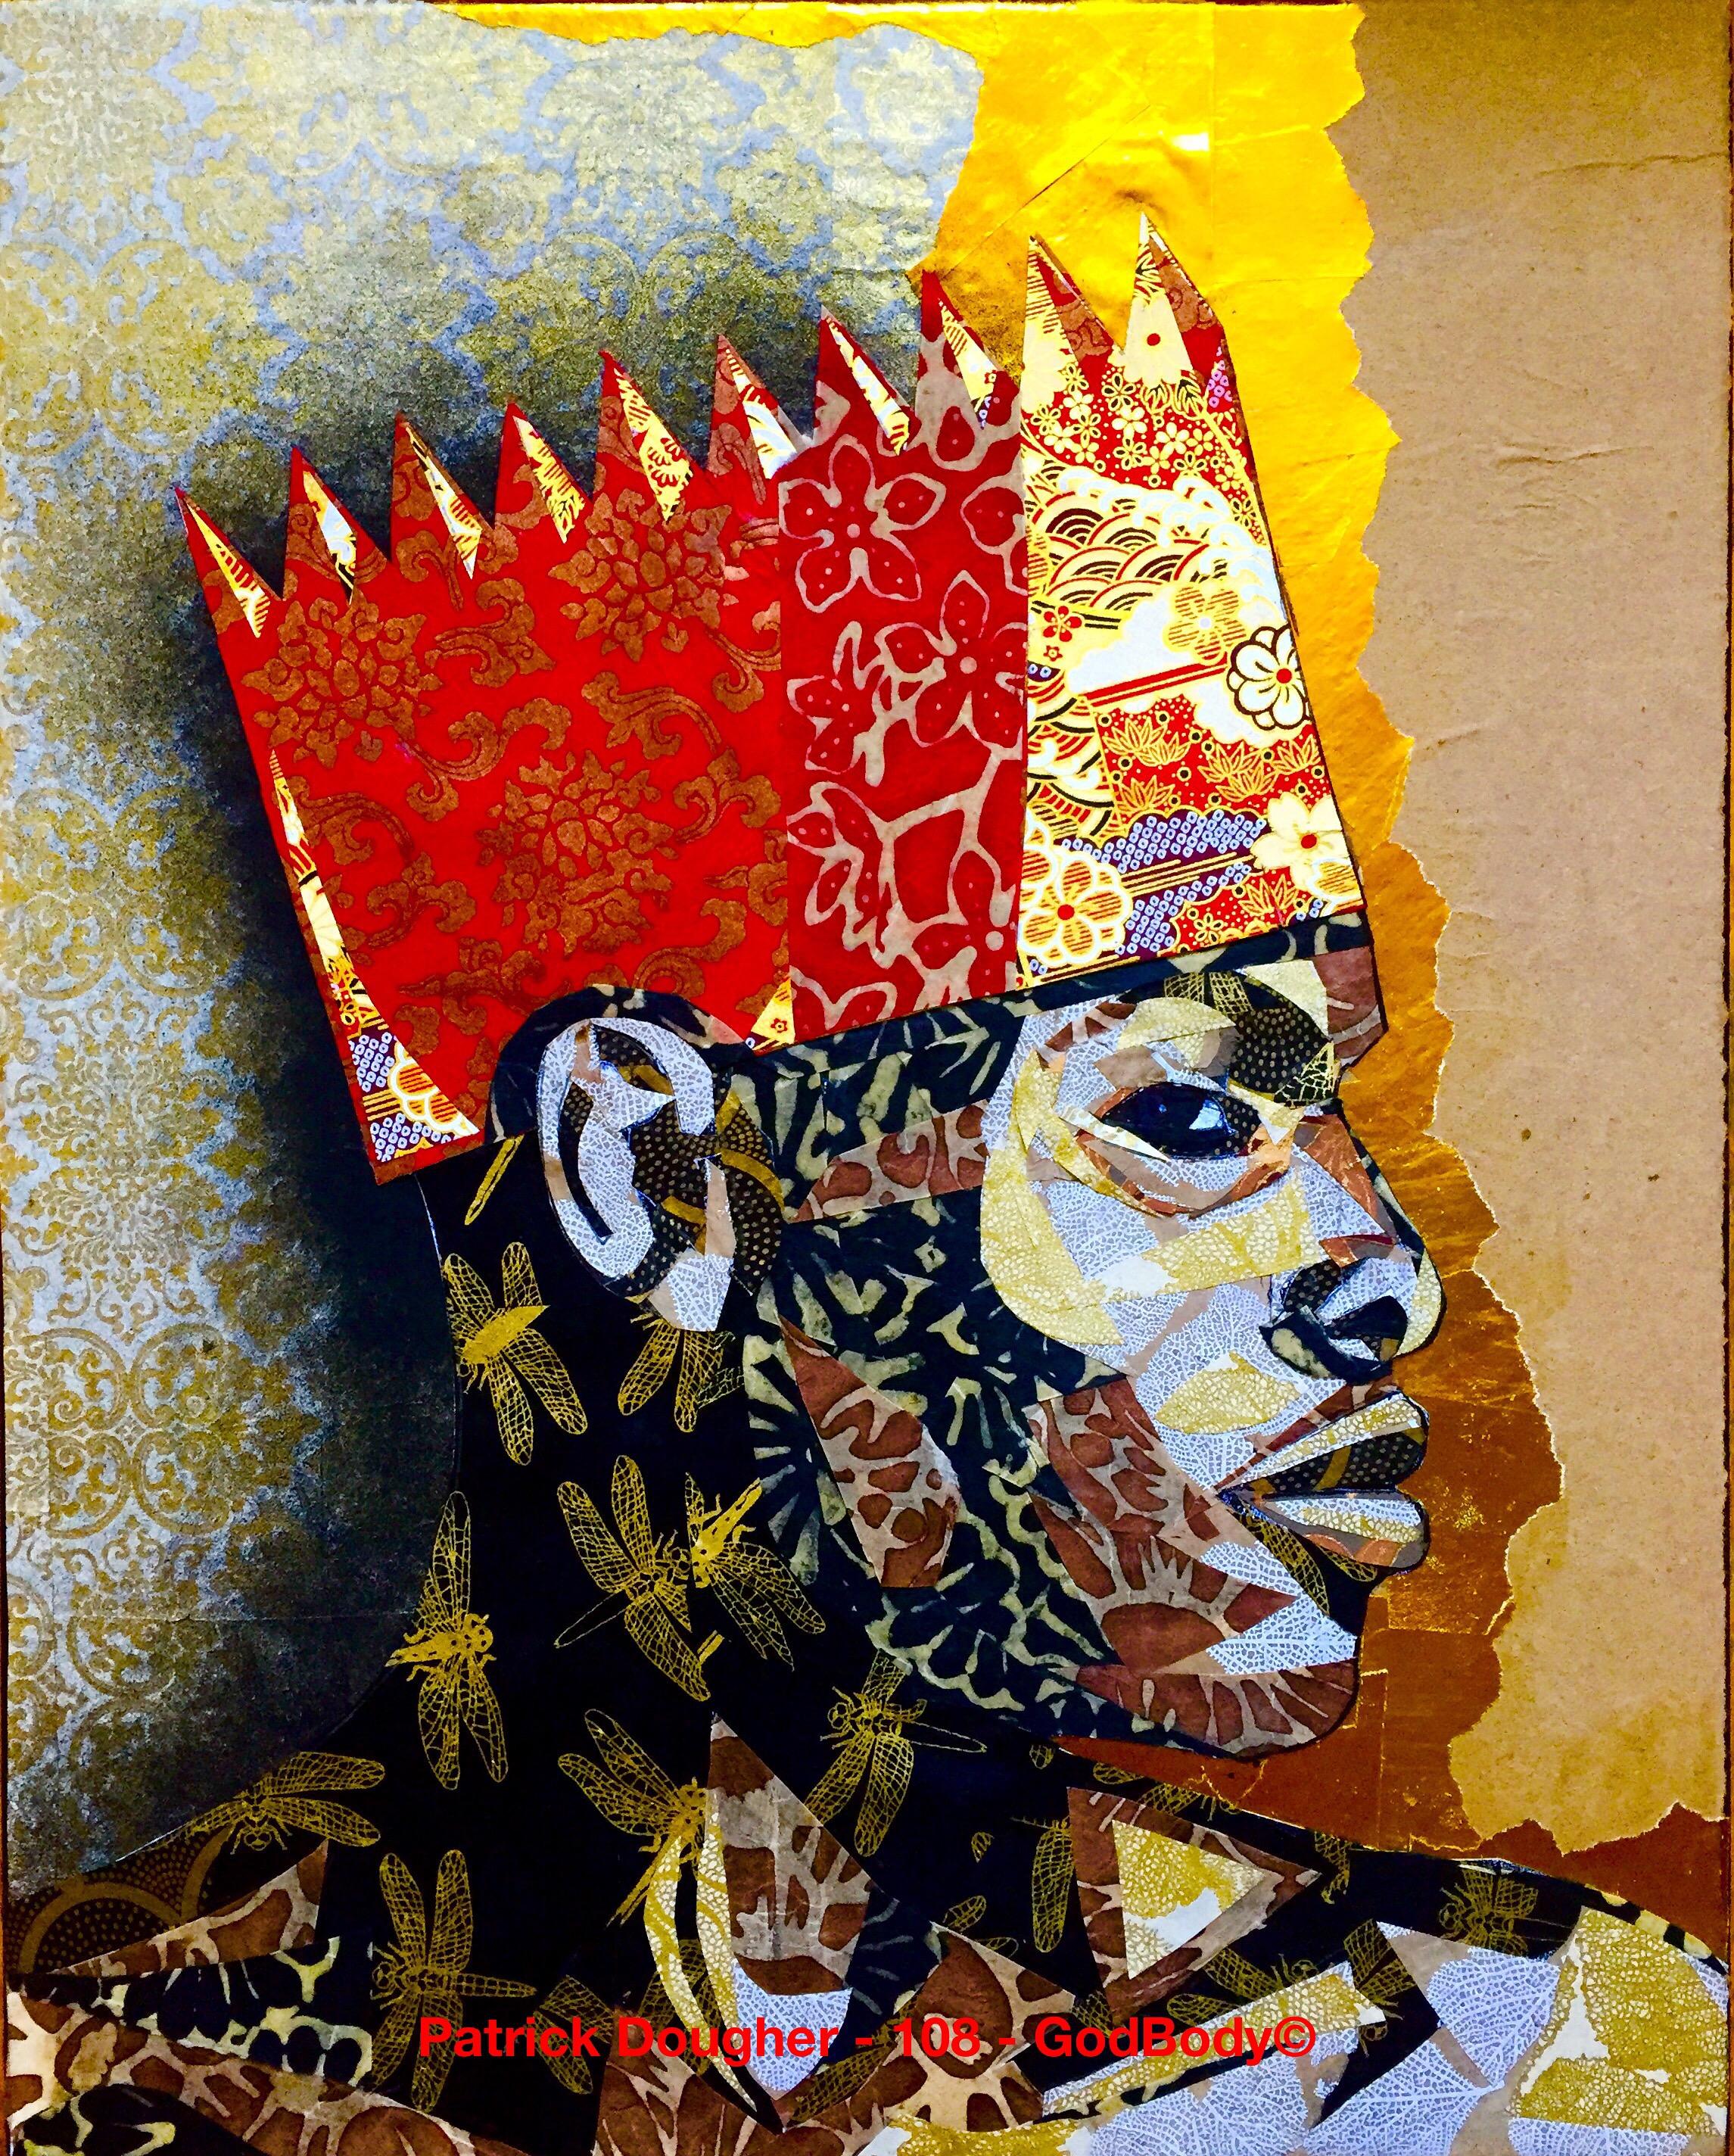 KING OF SHADE